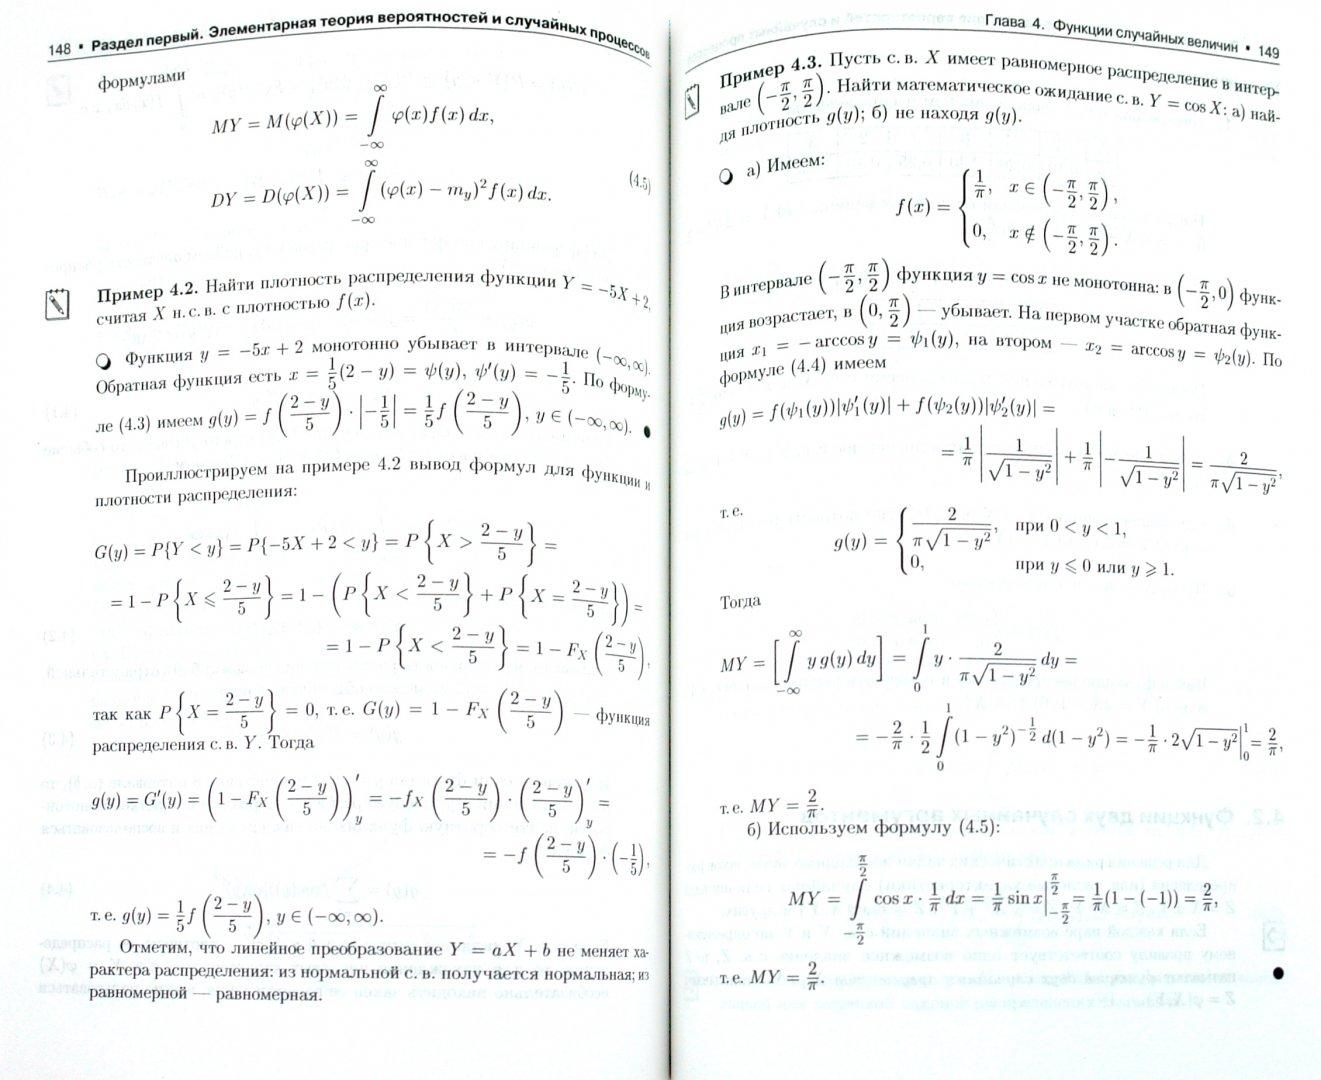 Иллюстрация 1 из 35 для Конспект лекций по теории вероятностей, математической статистике и случайным процессам - Дмитрий Письменный | Лабиринт - книги. Источник: Лабиринт